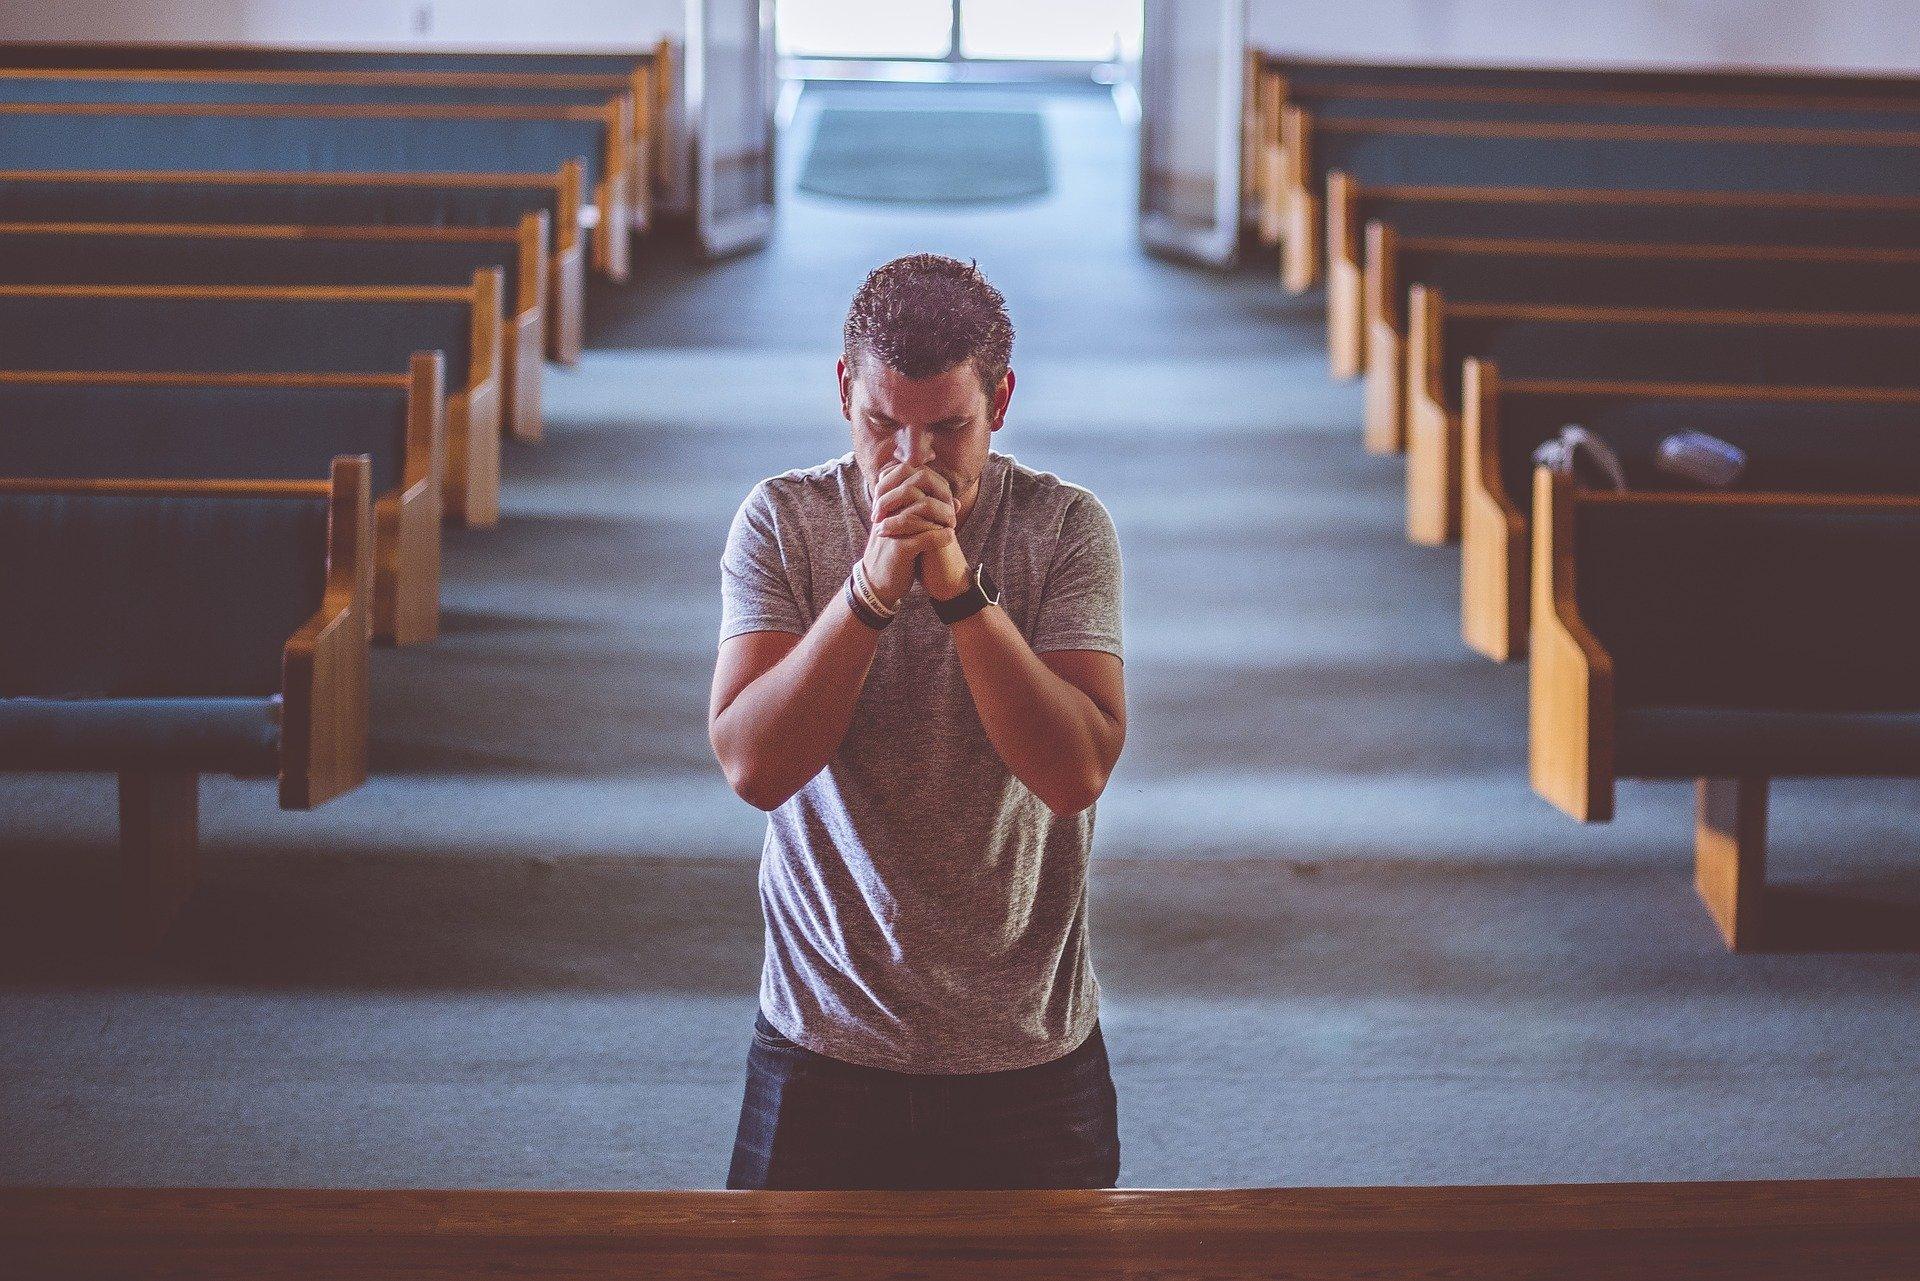 Gebet formt Geduld und Glauben